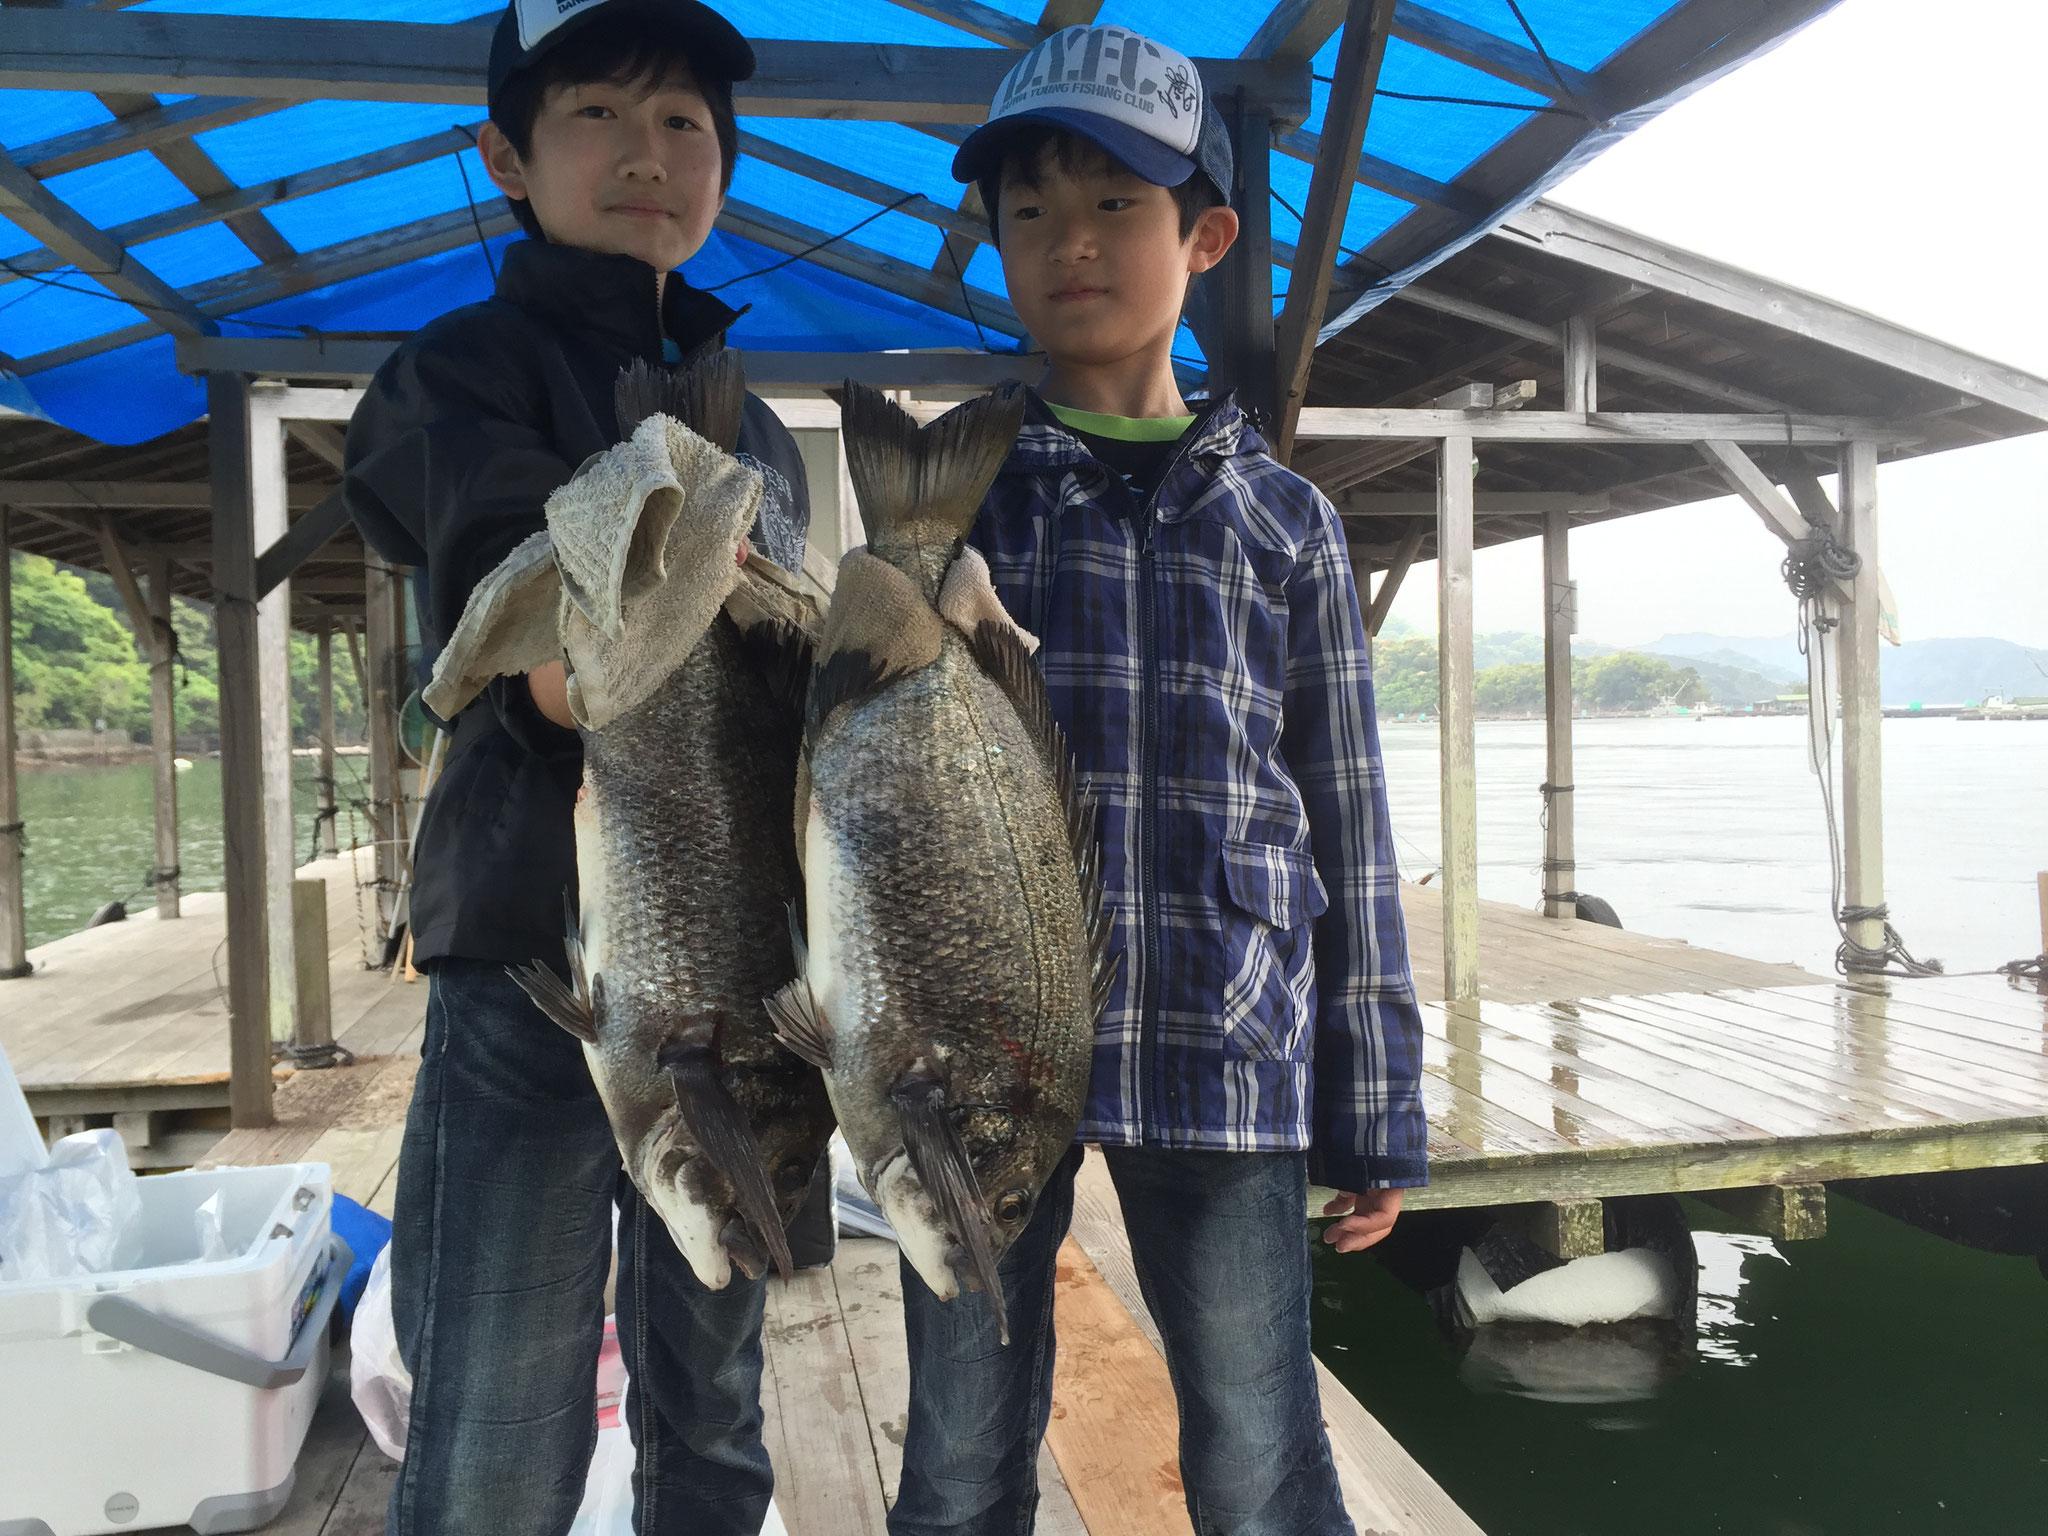 兄弟で50cmオーバー、心も身体も成長しつつ釣りあげる魚にも新たな目標を持ちながら釣りを楽しめるっていいですね!